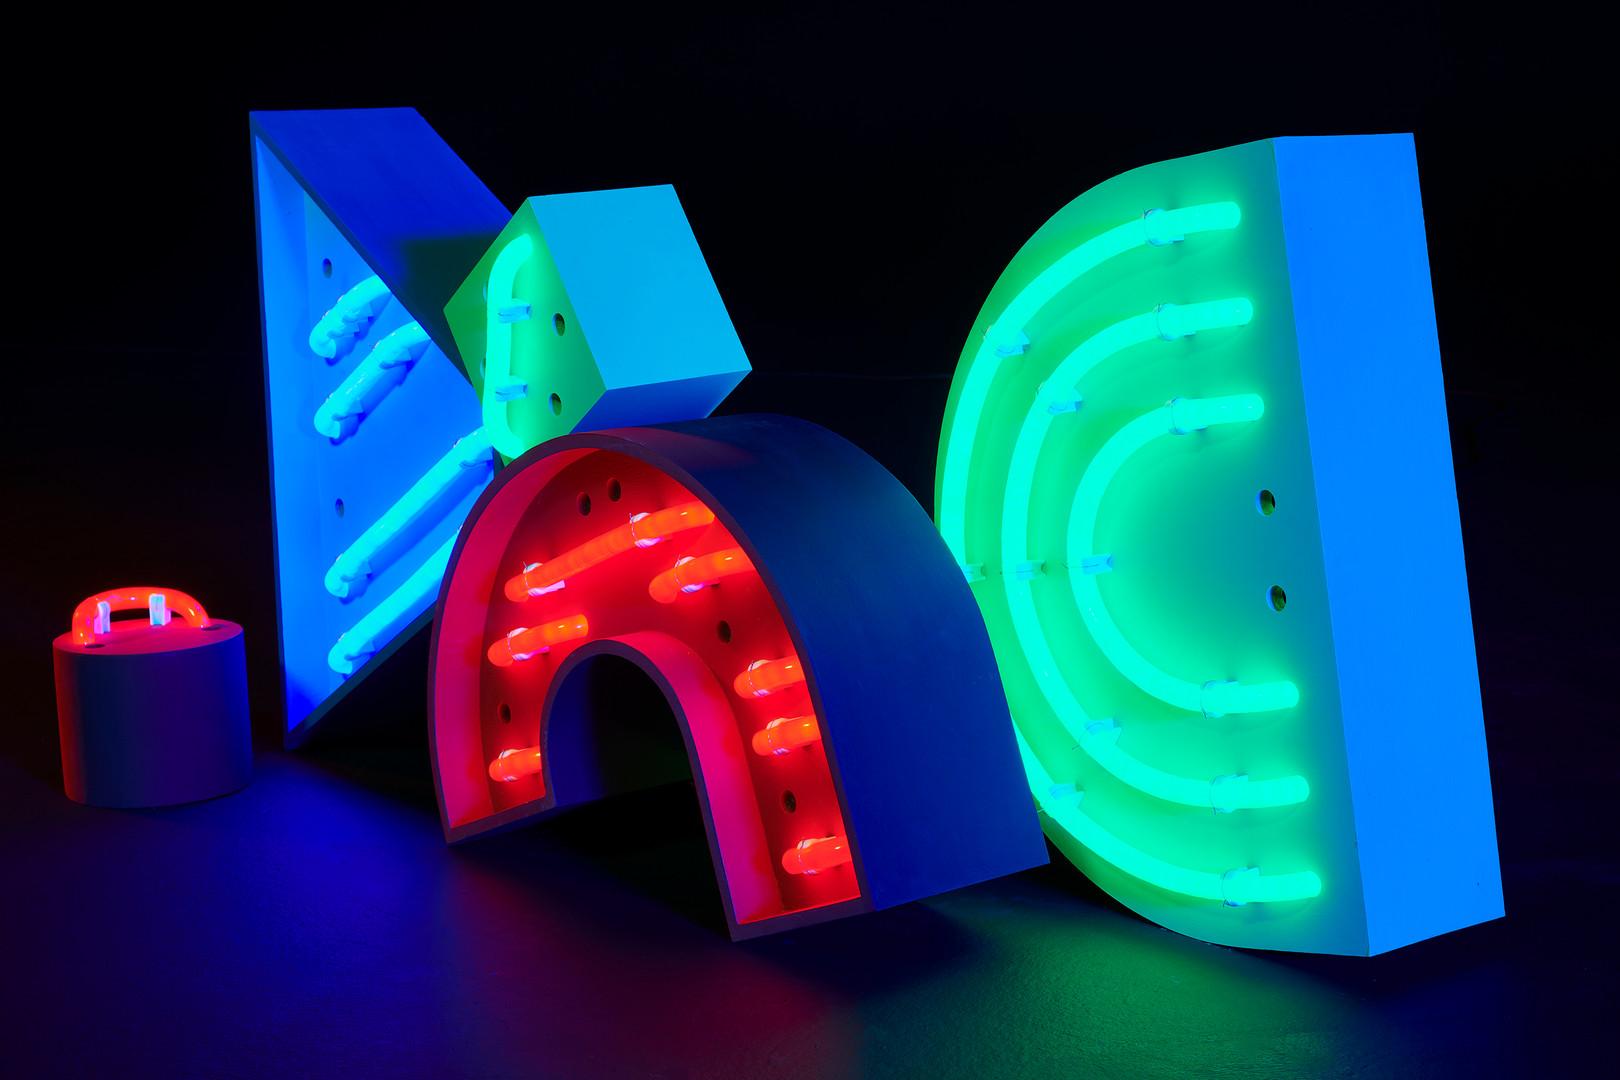 RGB-2019-Variable-wood,led neon,paint.jp